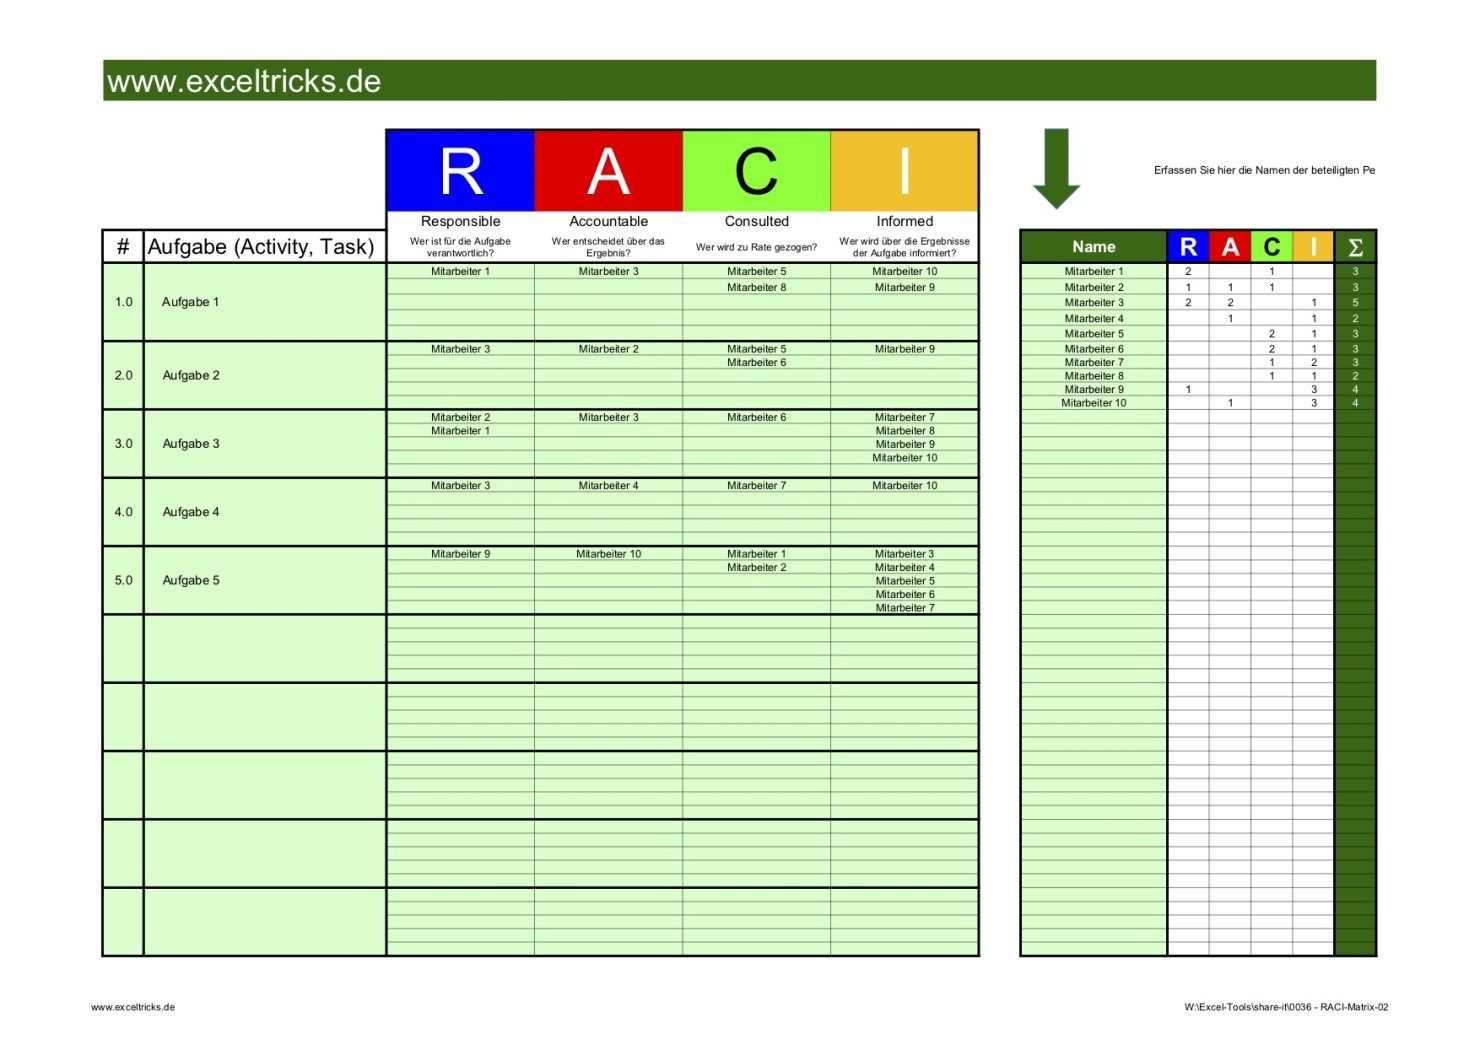 Mit Der Excel Vorlage Raci Matrix Den Uberblick Im Projekt Behalten Modell 2 Exceltricks Excel Vorlage Vorlagen Excel Tipps